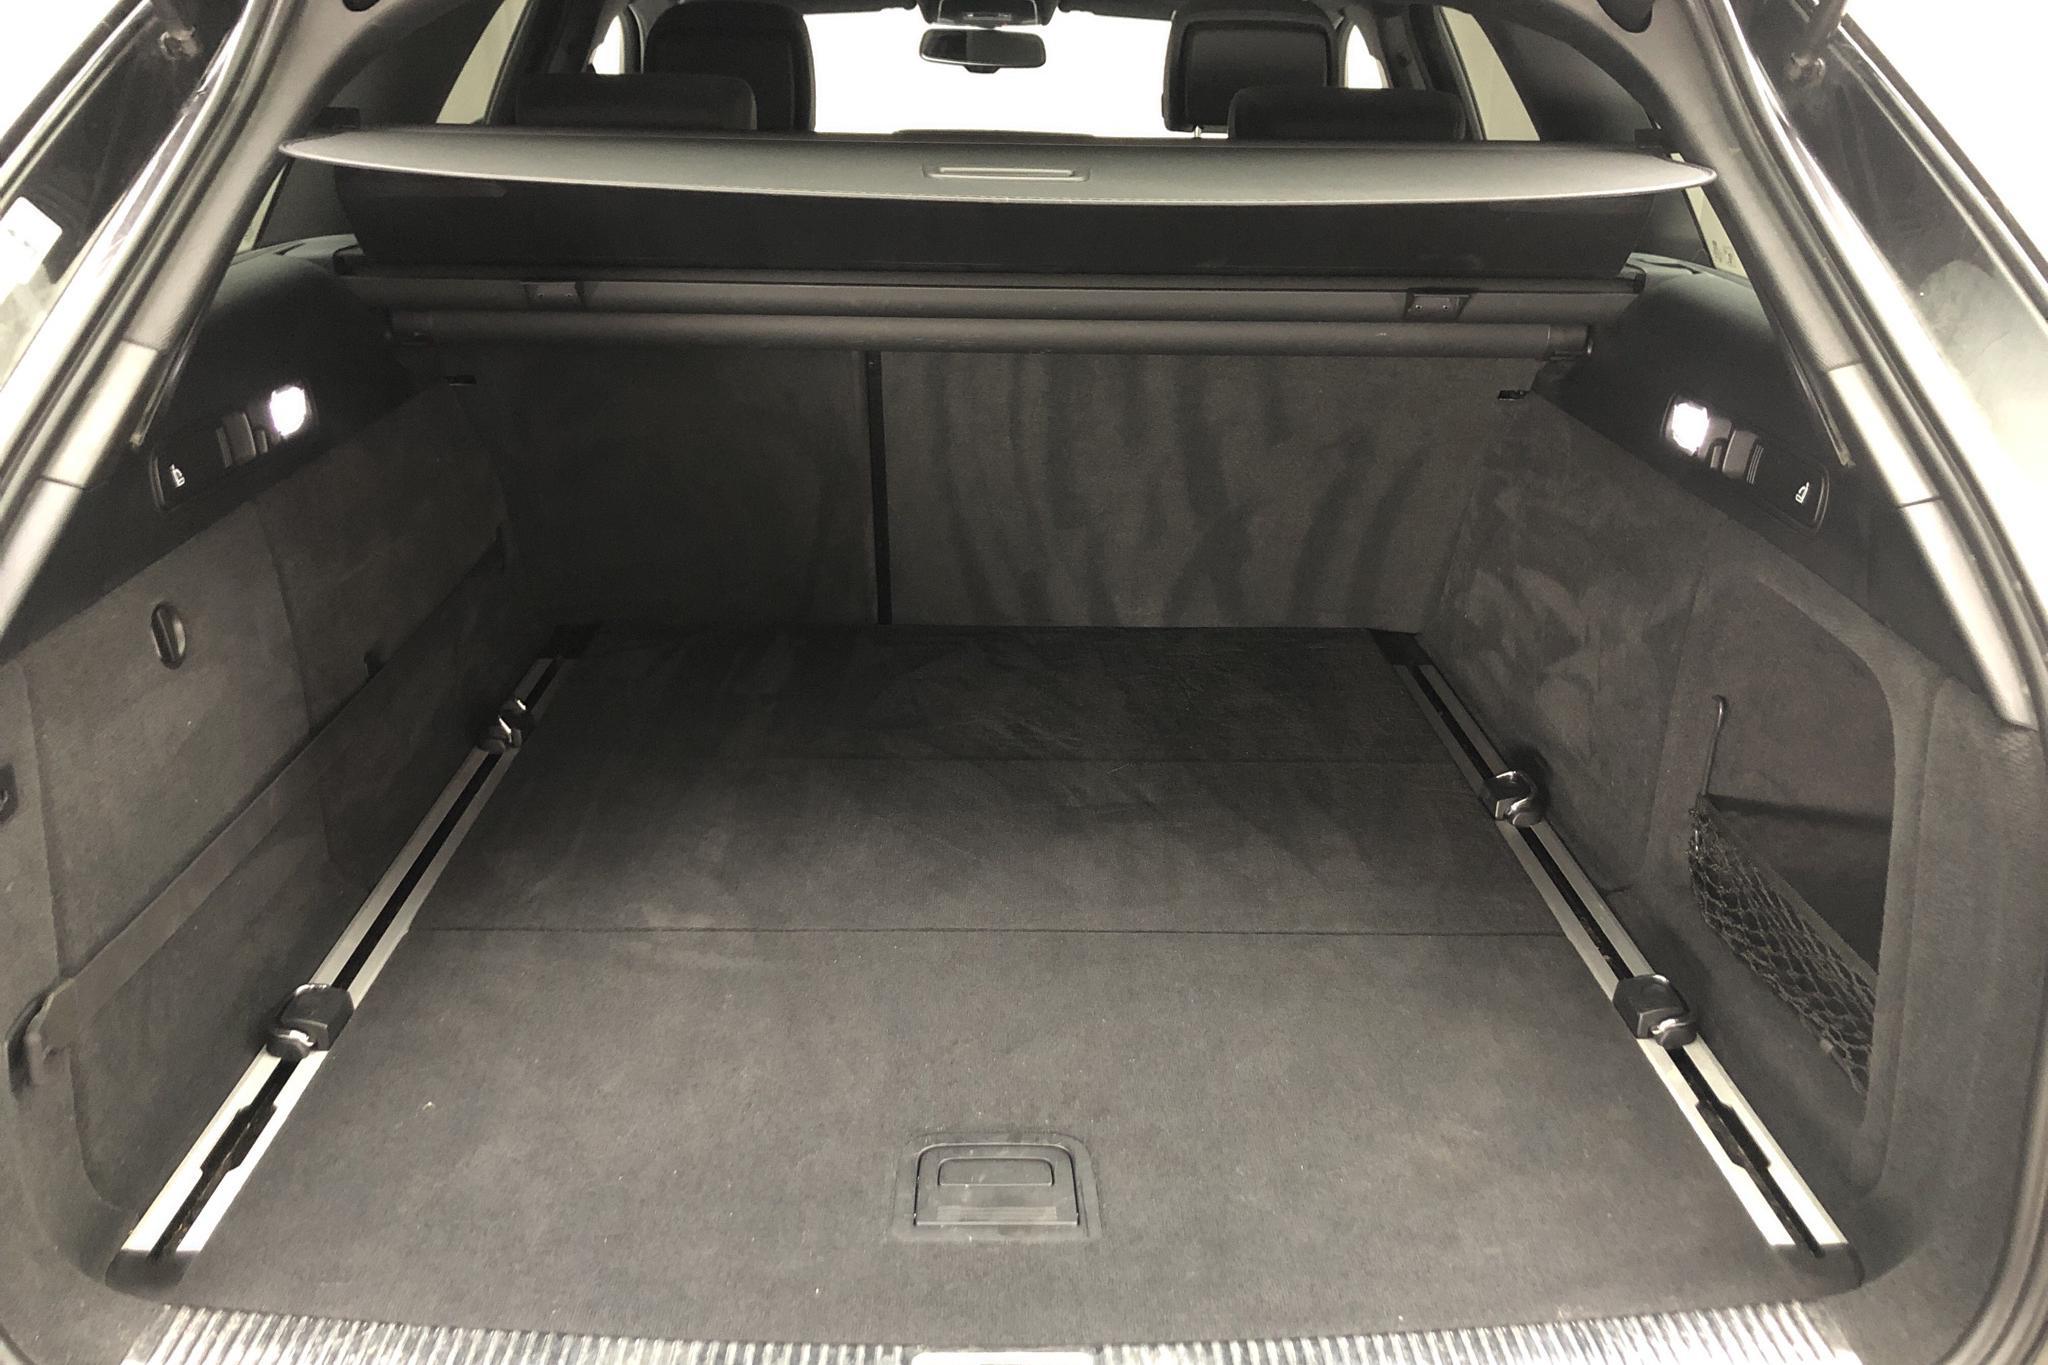 Audi A6 2.0 TDI Avant (190hk) - 9 283 mil - Manuell - svart - 2018